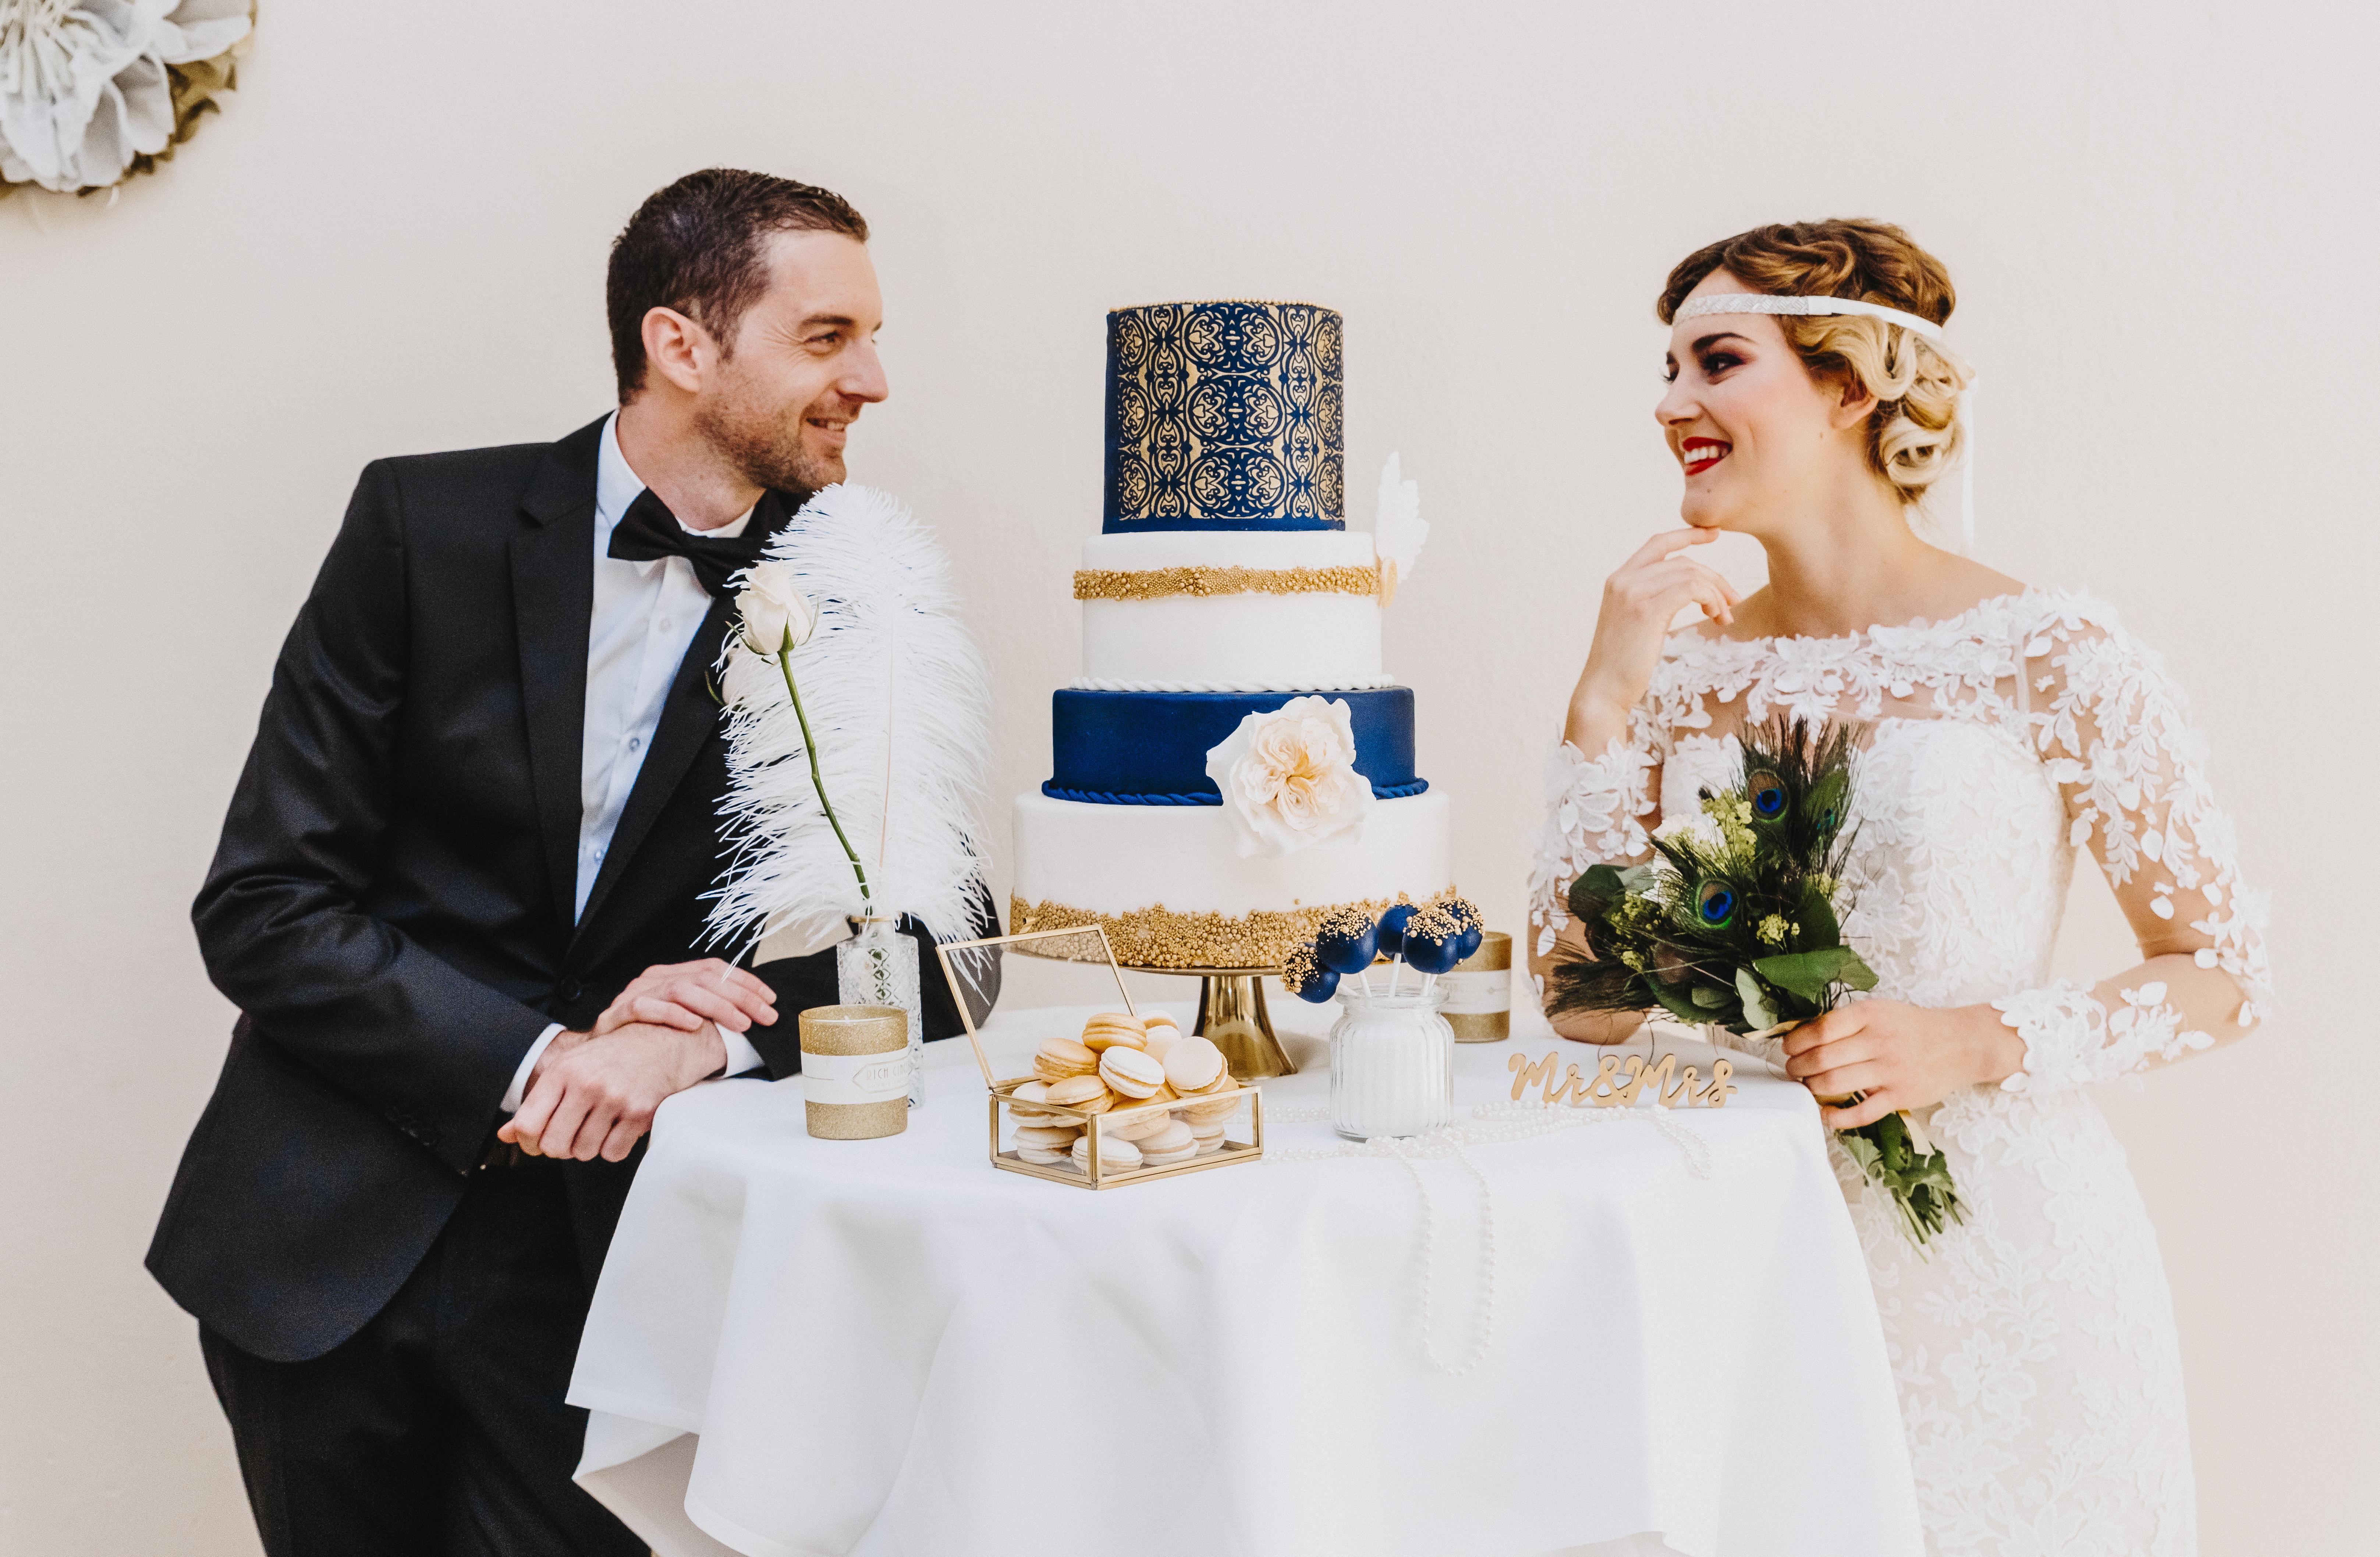 Styled Wedding Shoot © Maren van Meer Photodesign 2019 (33)